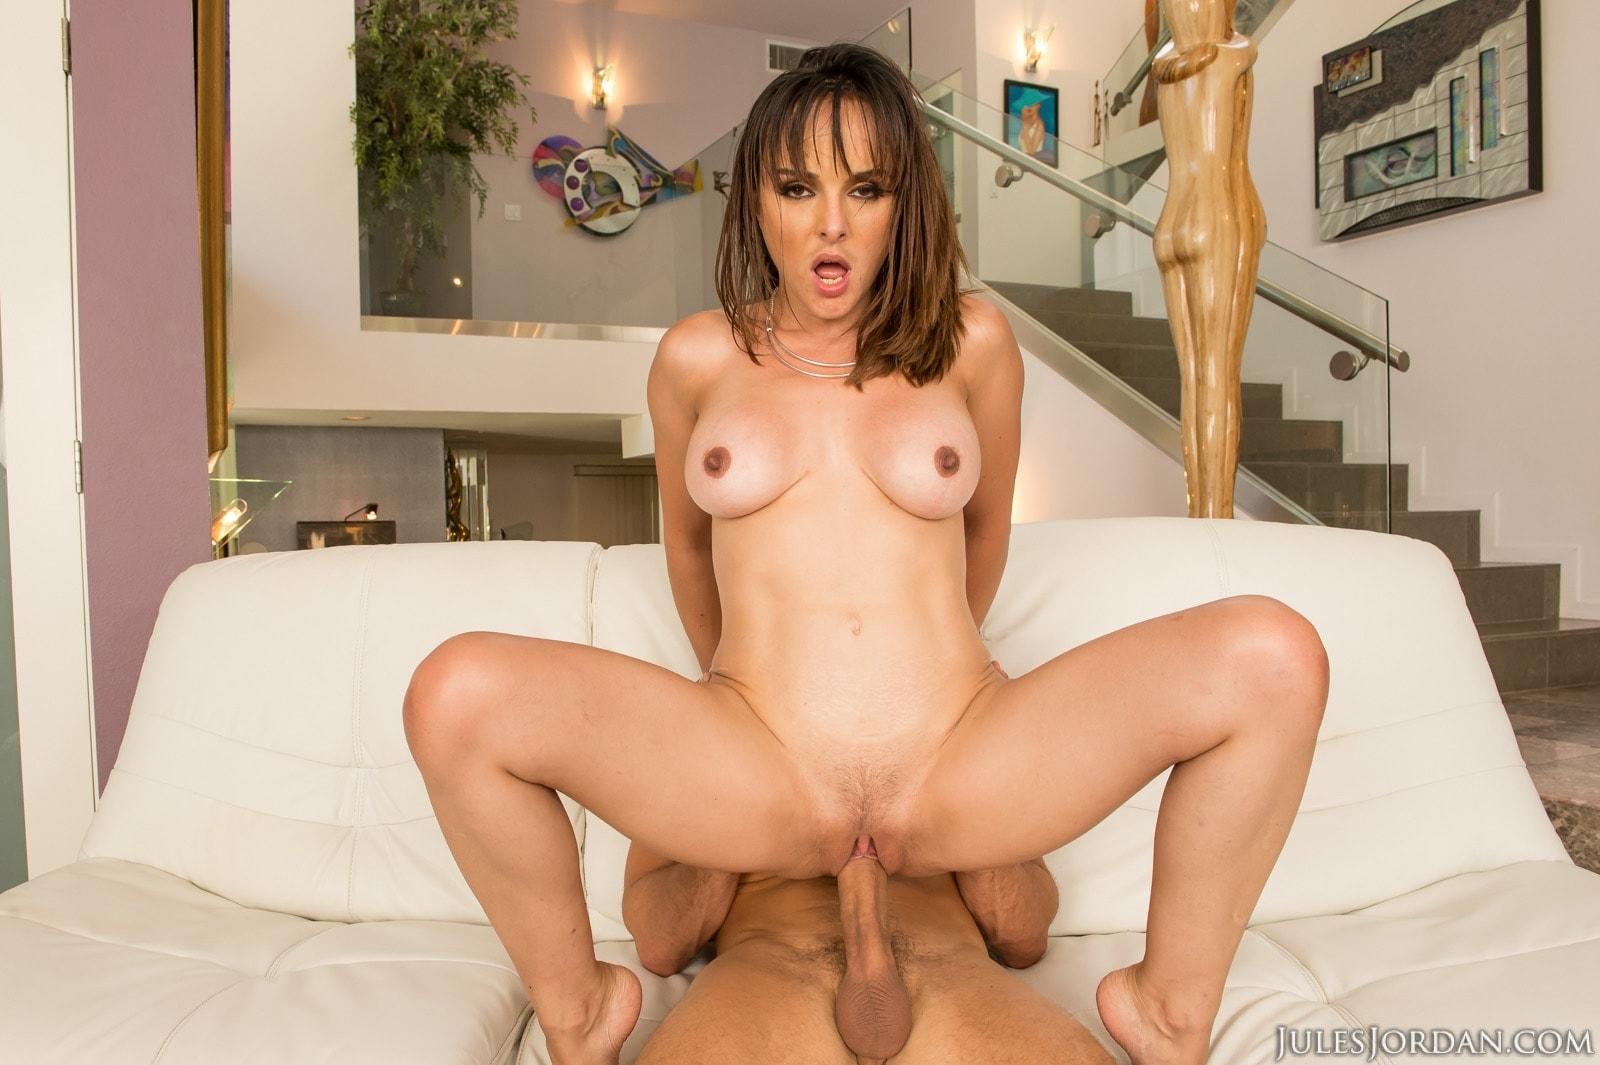 Porn Star Cytherea Nude